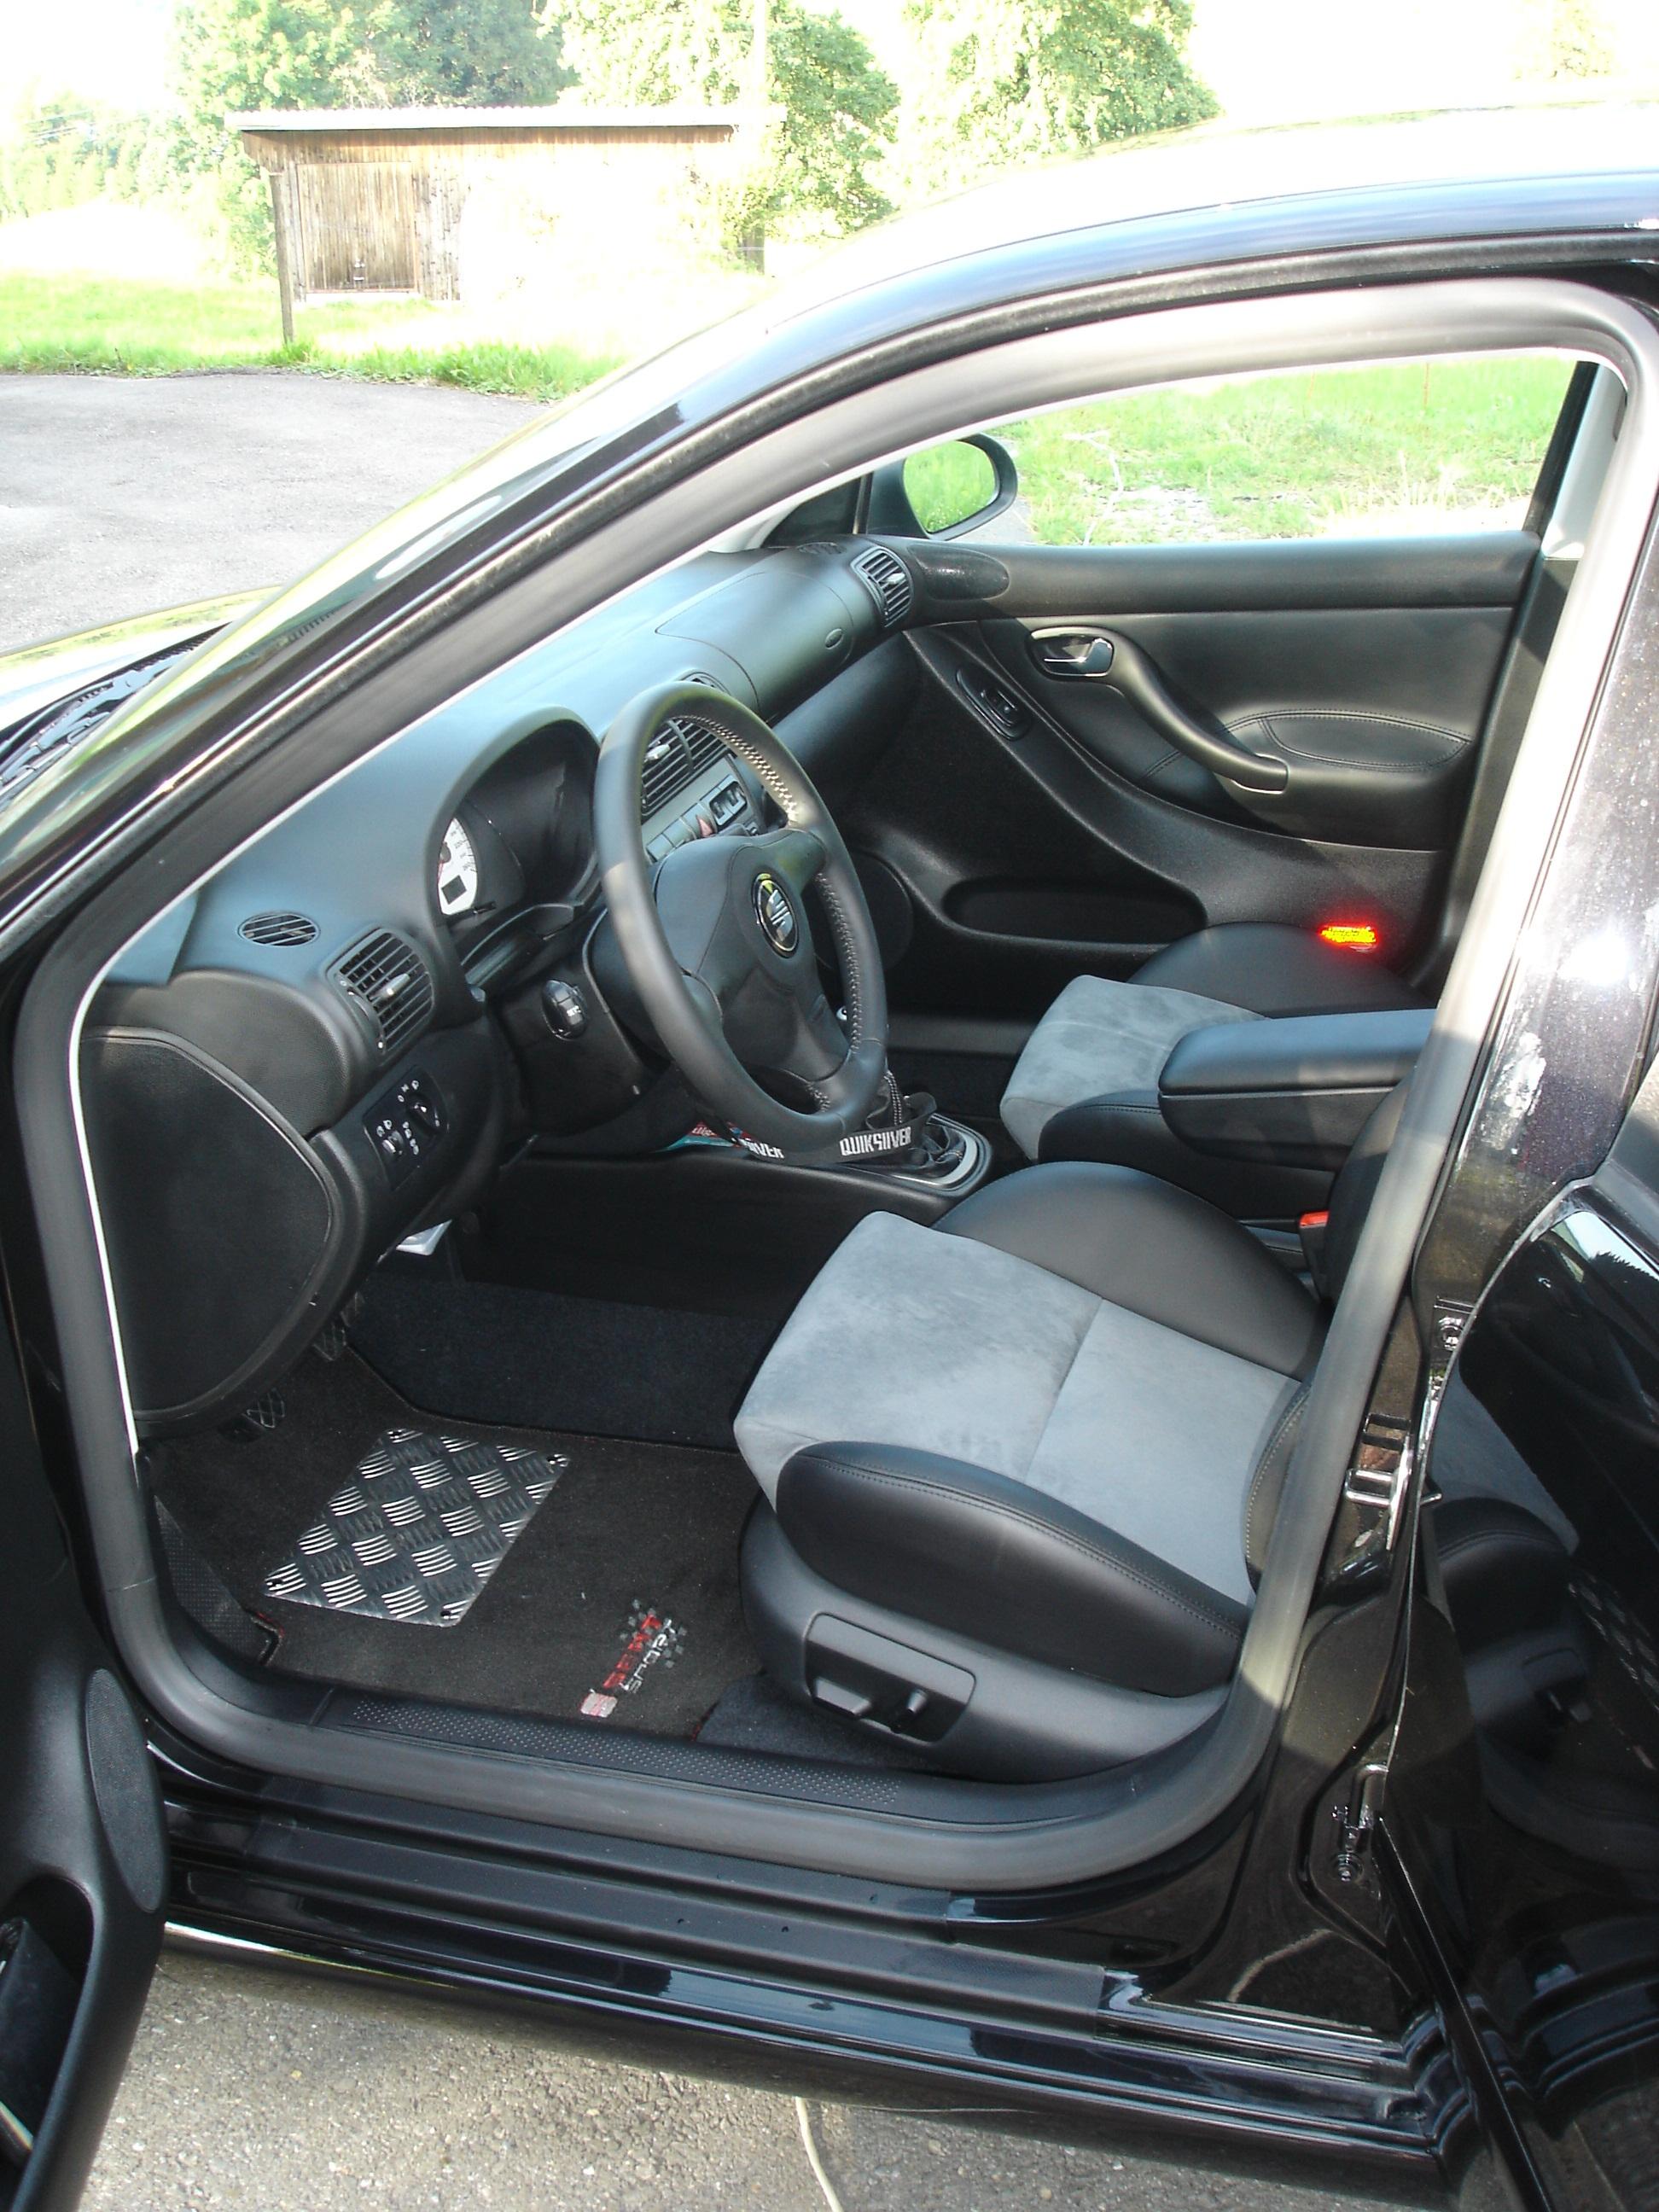 SEAT Leon I 1999 - 2005 Hatchback 5 door #6